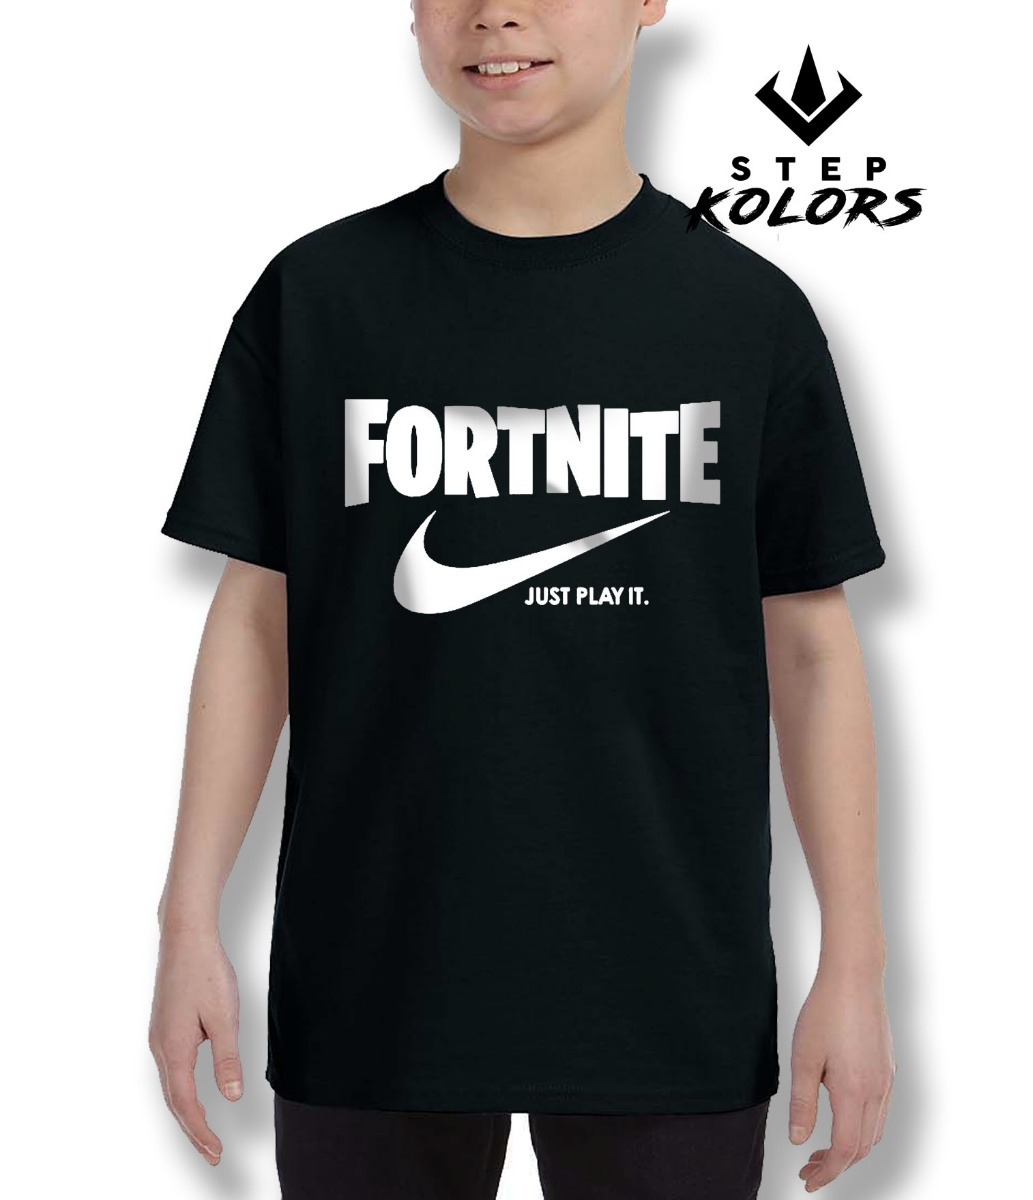 Polera Fortnite Just Play It Nike Diseño Exclusivo -   8.490 en ... 0c06831800c15